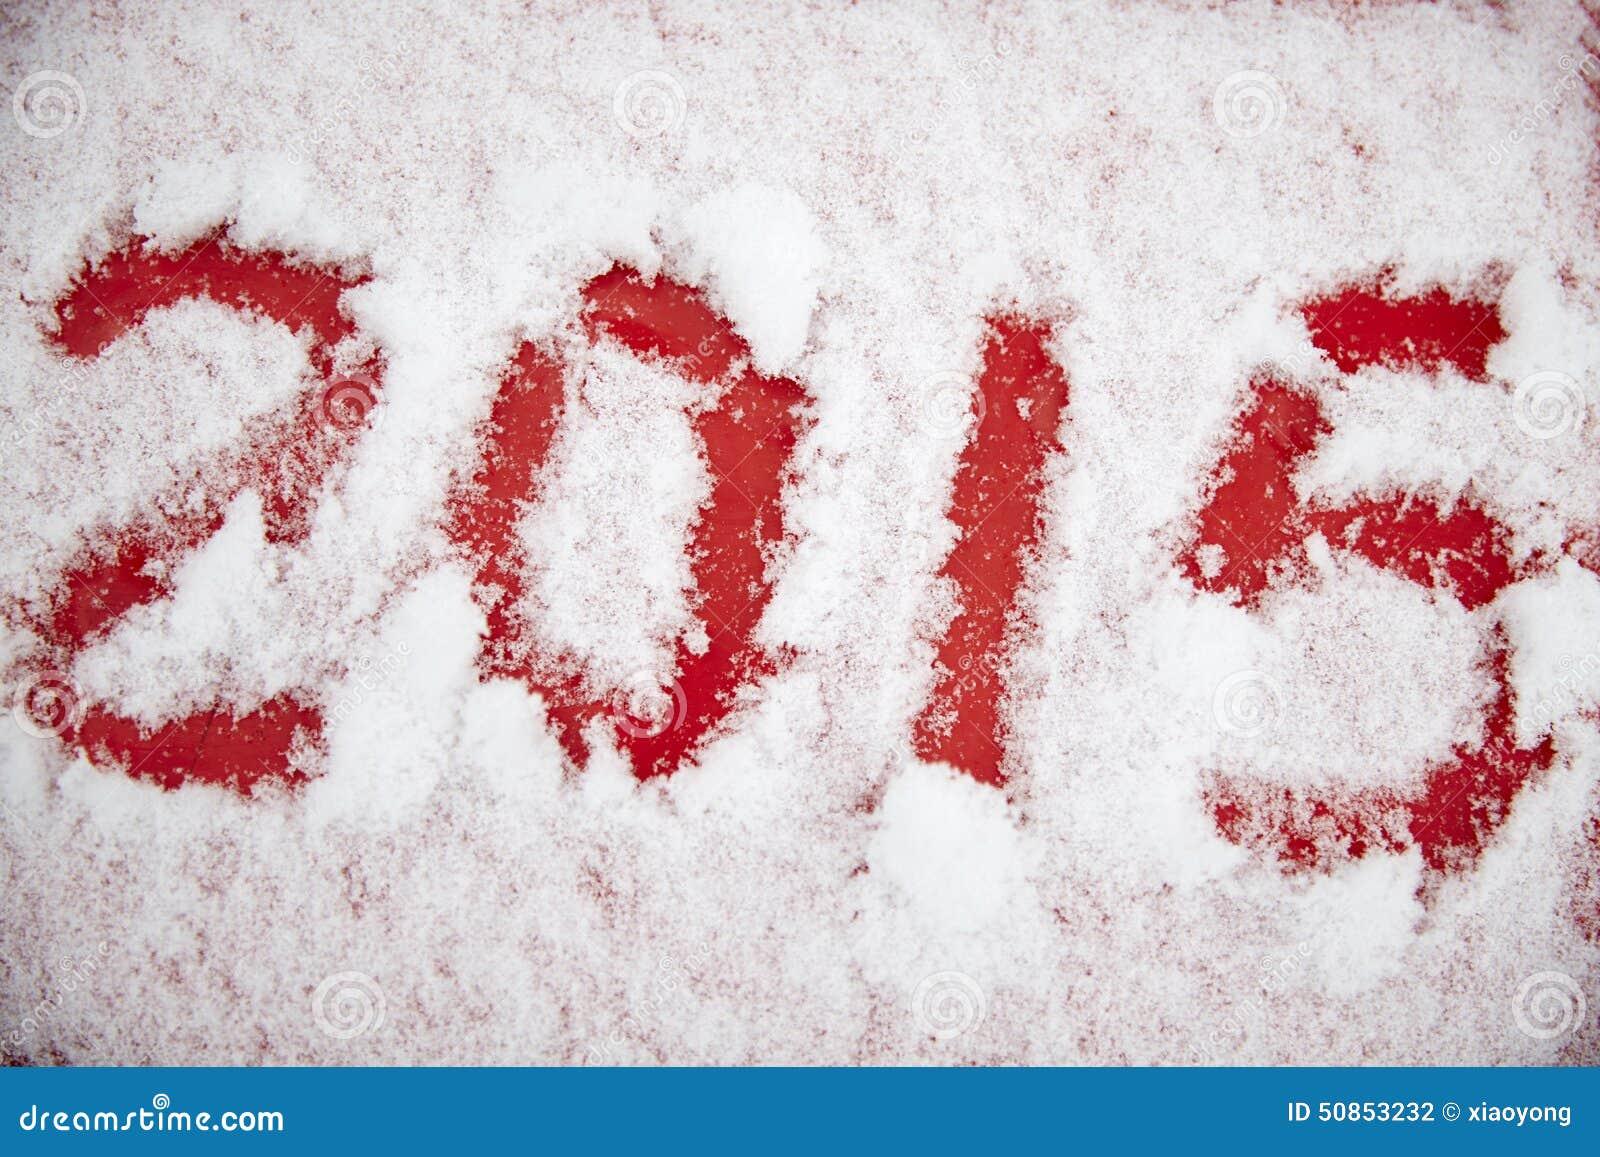 Cuatro dígitos escritos en la nieve blanca